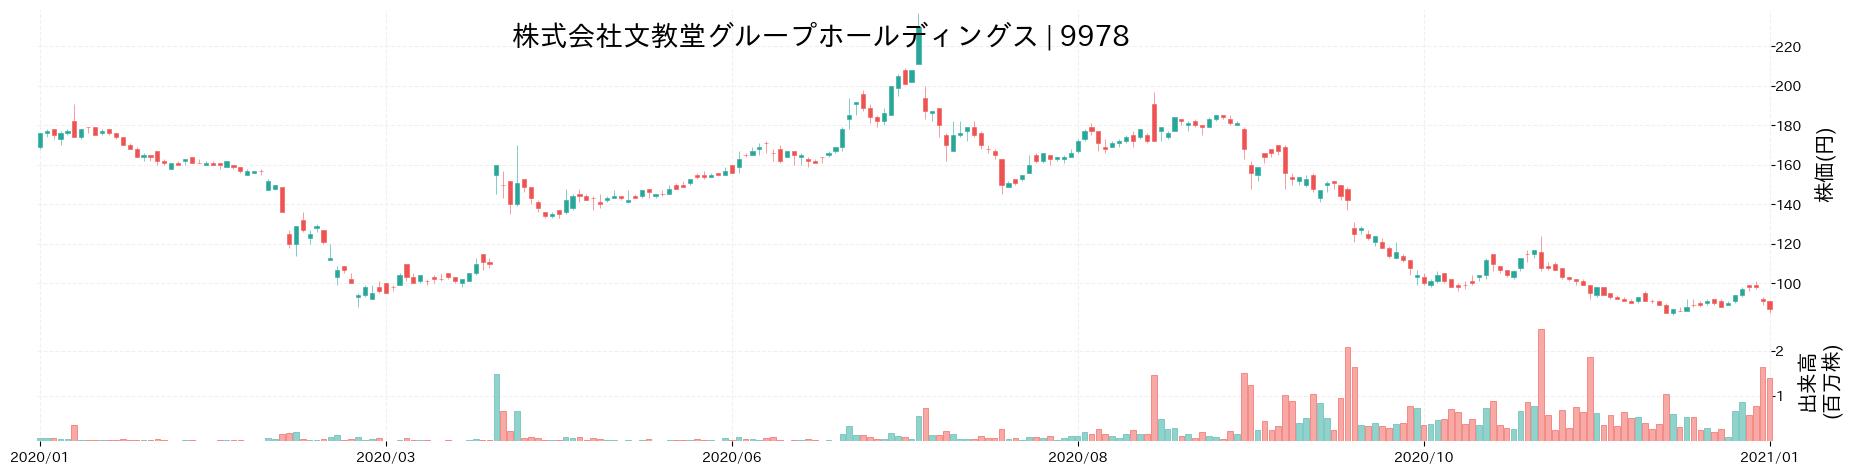 株式会社文教堂グループホールディングスの株価推移(2020)